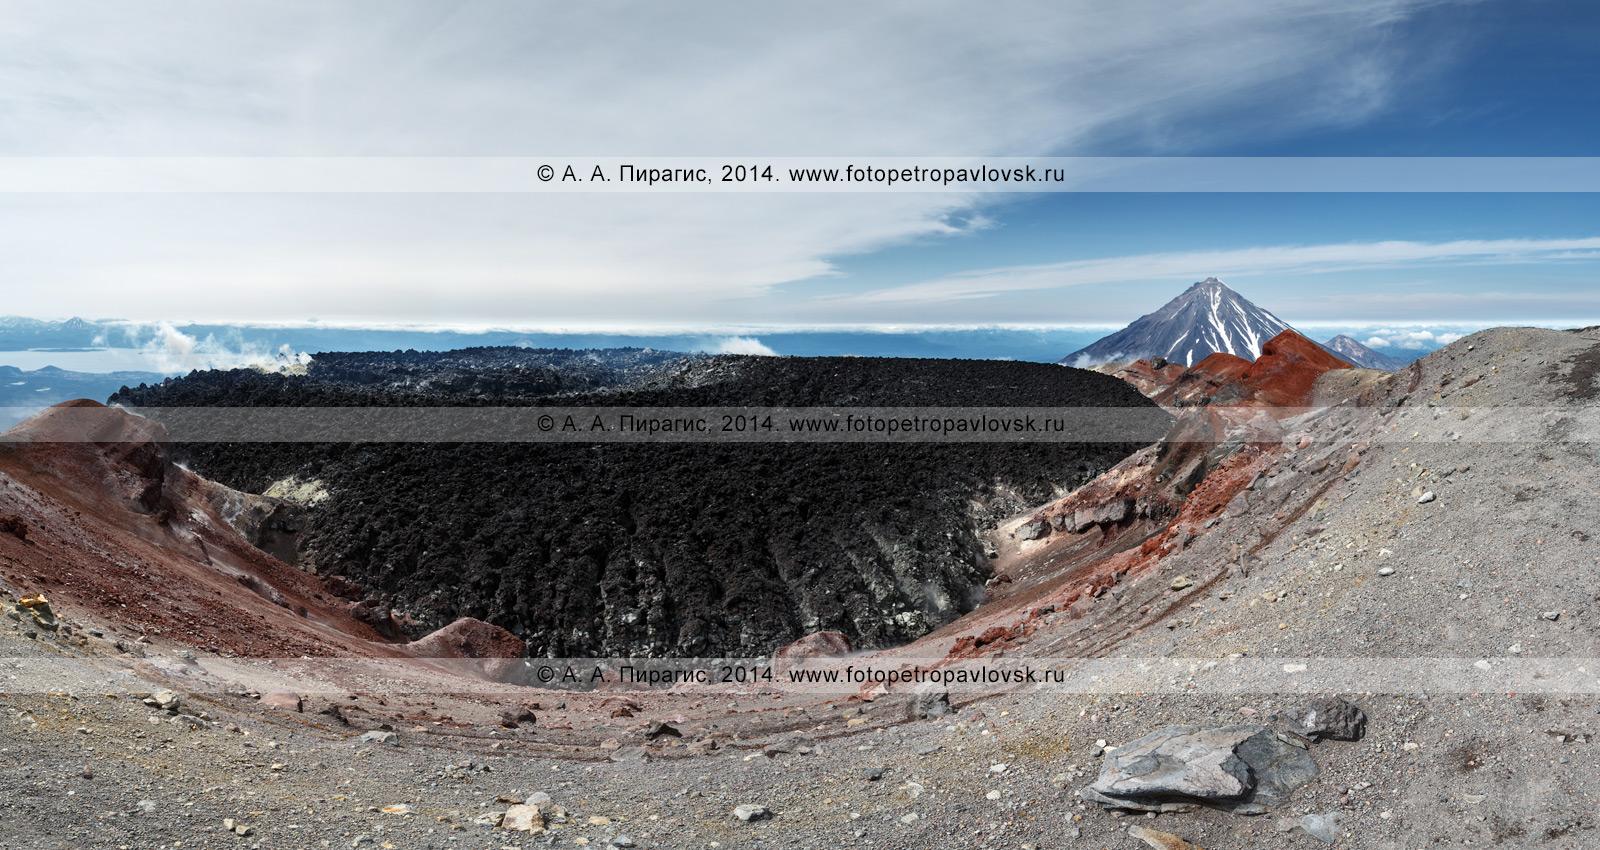 Панорамный вид на кратер Авачинского вулкана с многочисленными фумаролами, заполненный лавой при извержении вулкана в январе 1991 года. На заднем плане: Корякский вулкан. Камчатка, Восточный вулканический пояс, Авачинско-Корякская группа вулканов